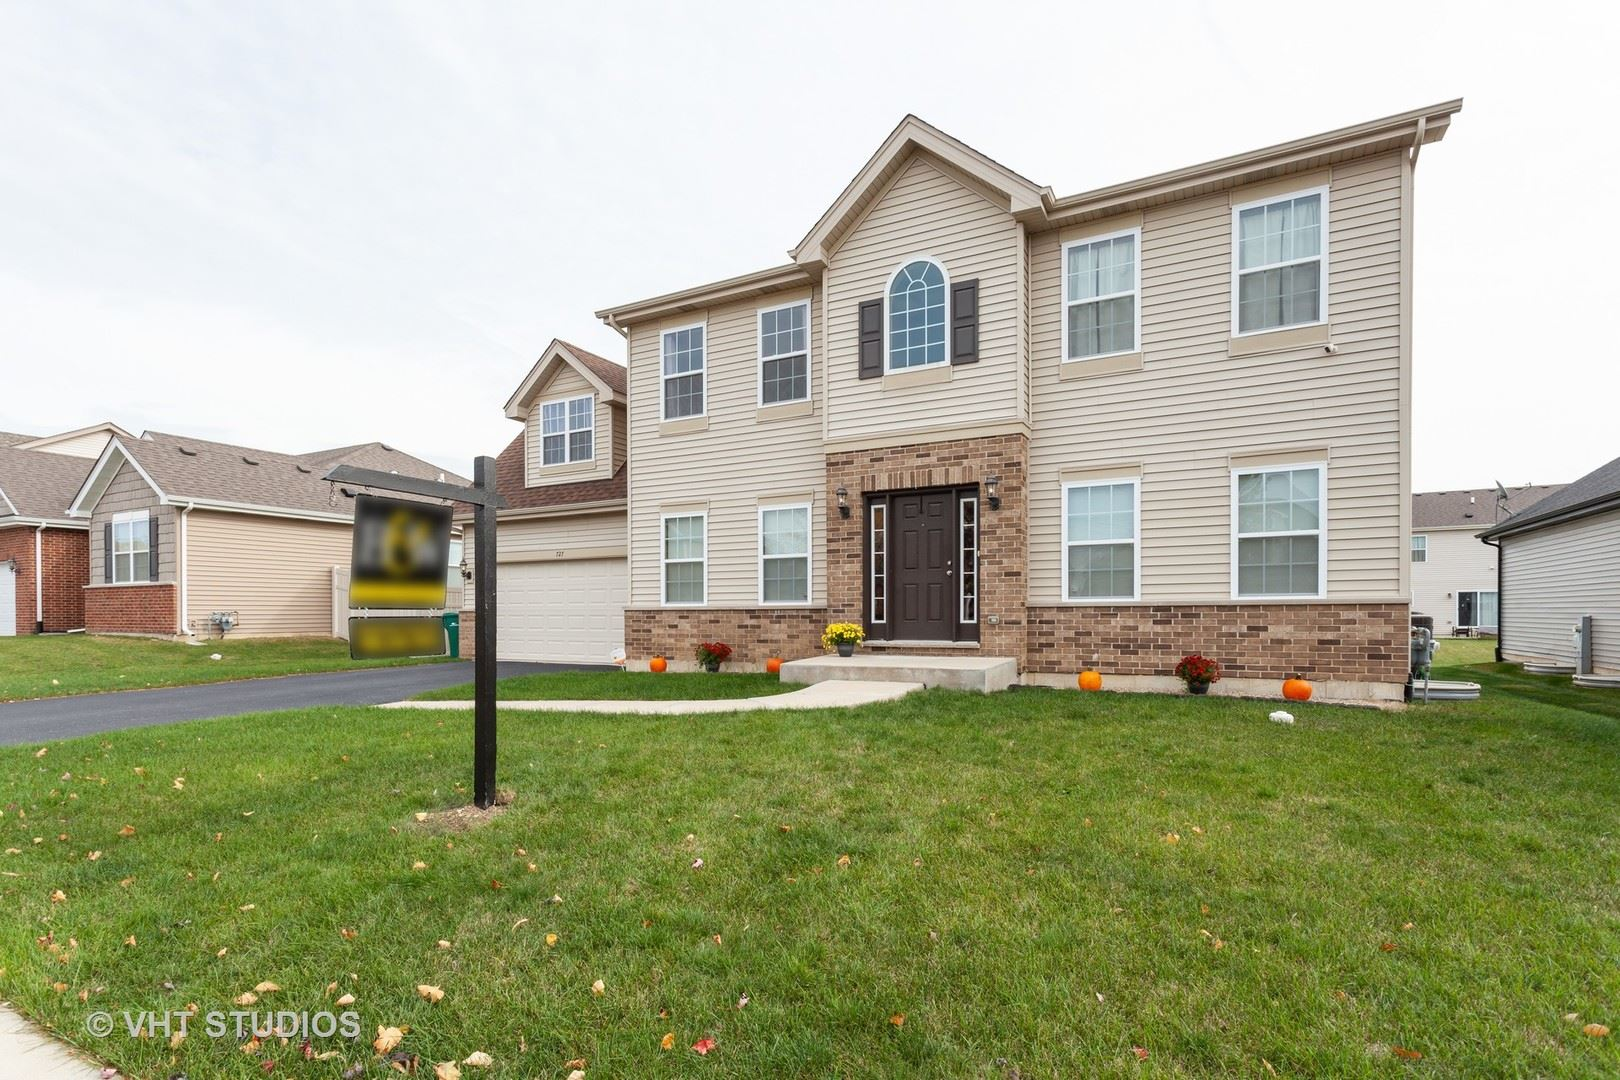 Photo of 727 N Misty Ridge Drive, Romeoville, IL 60446 (MLS # 10906121)